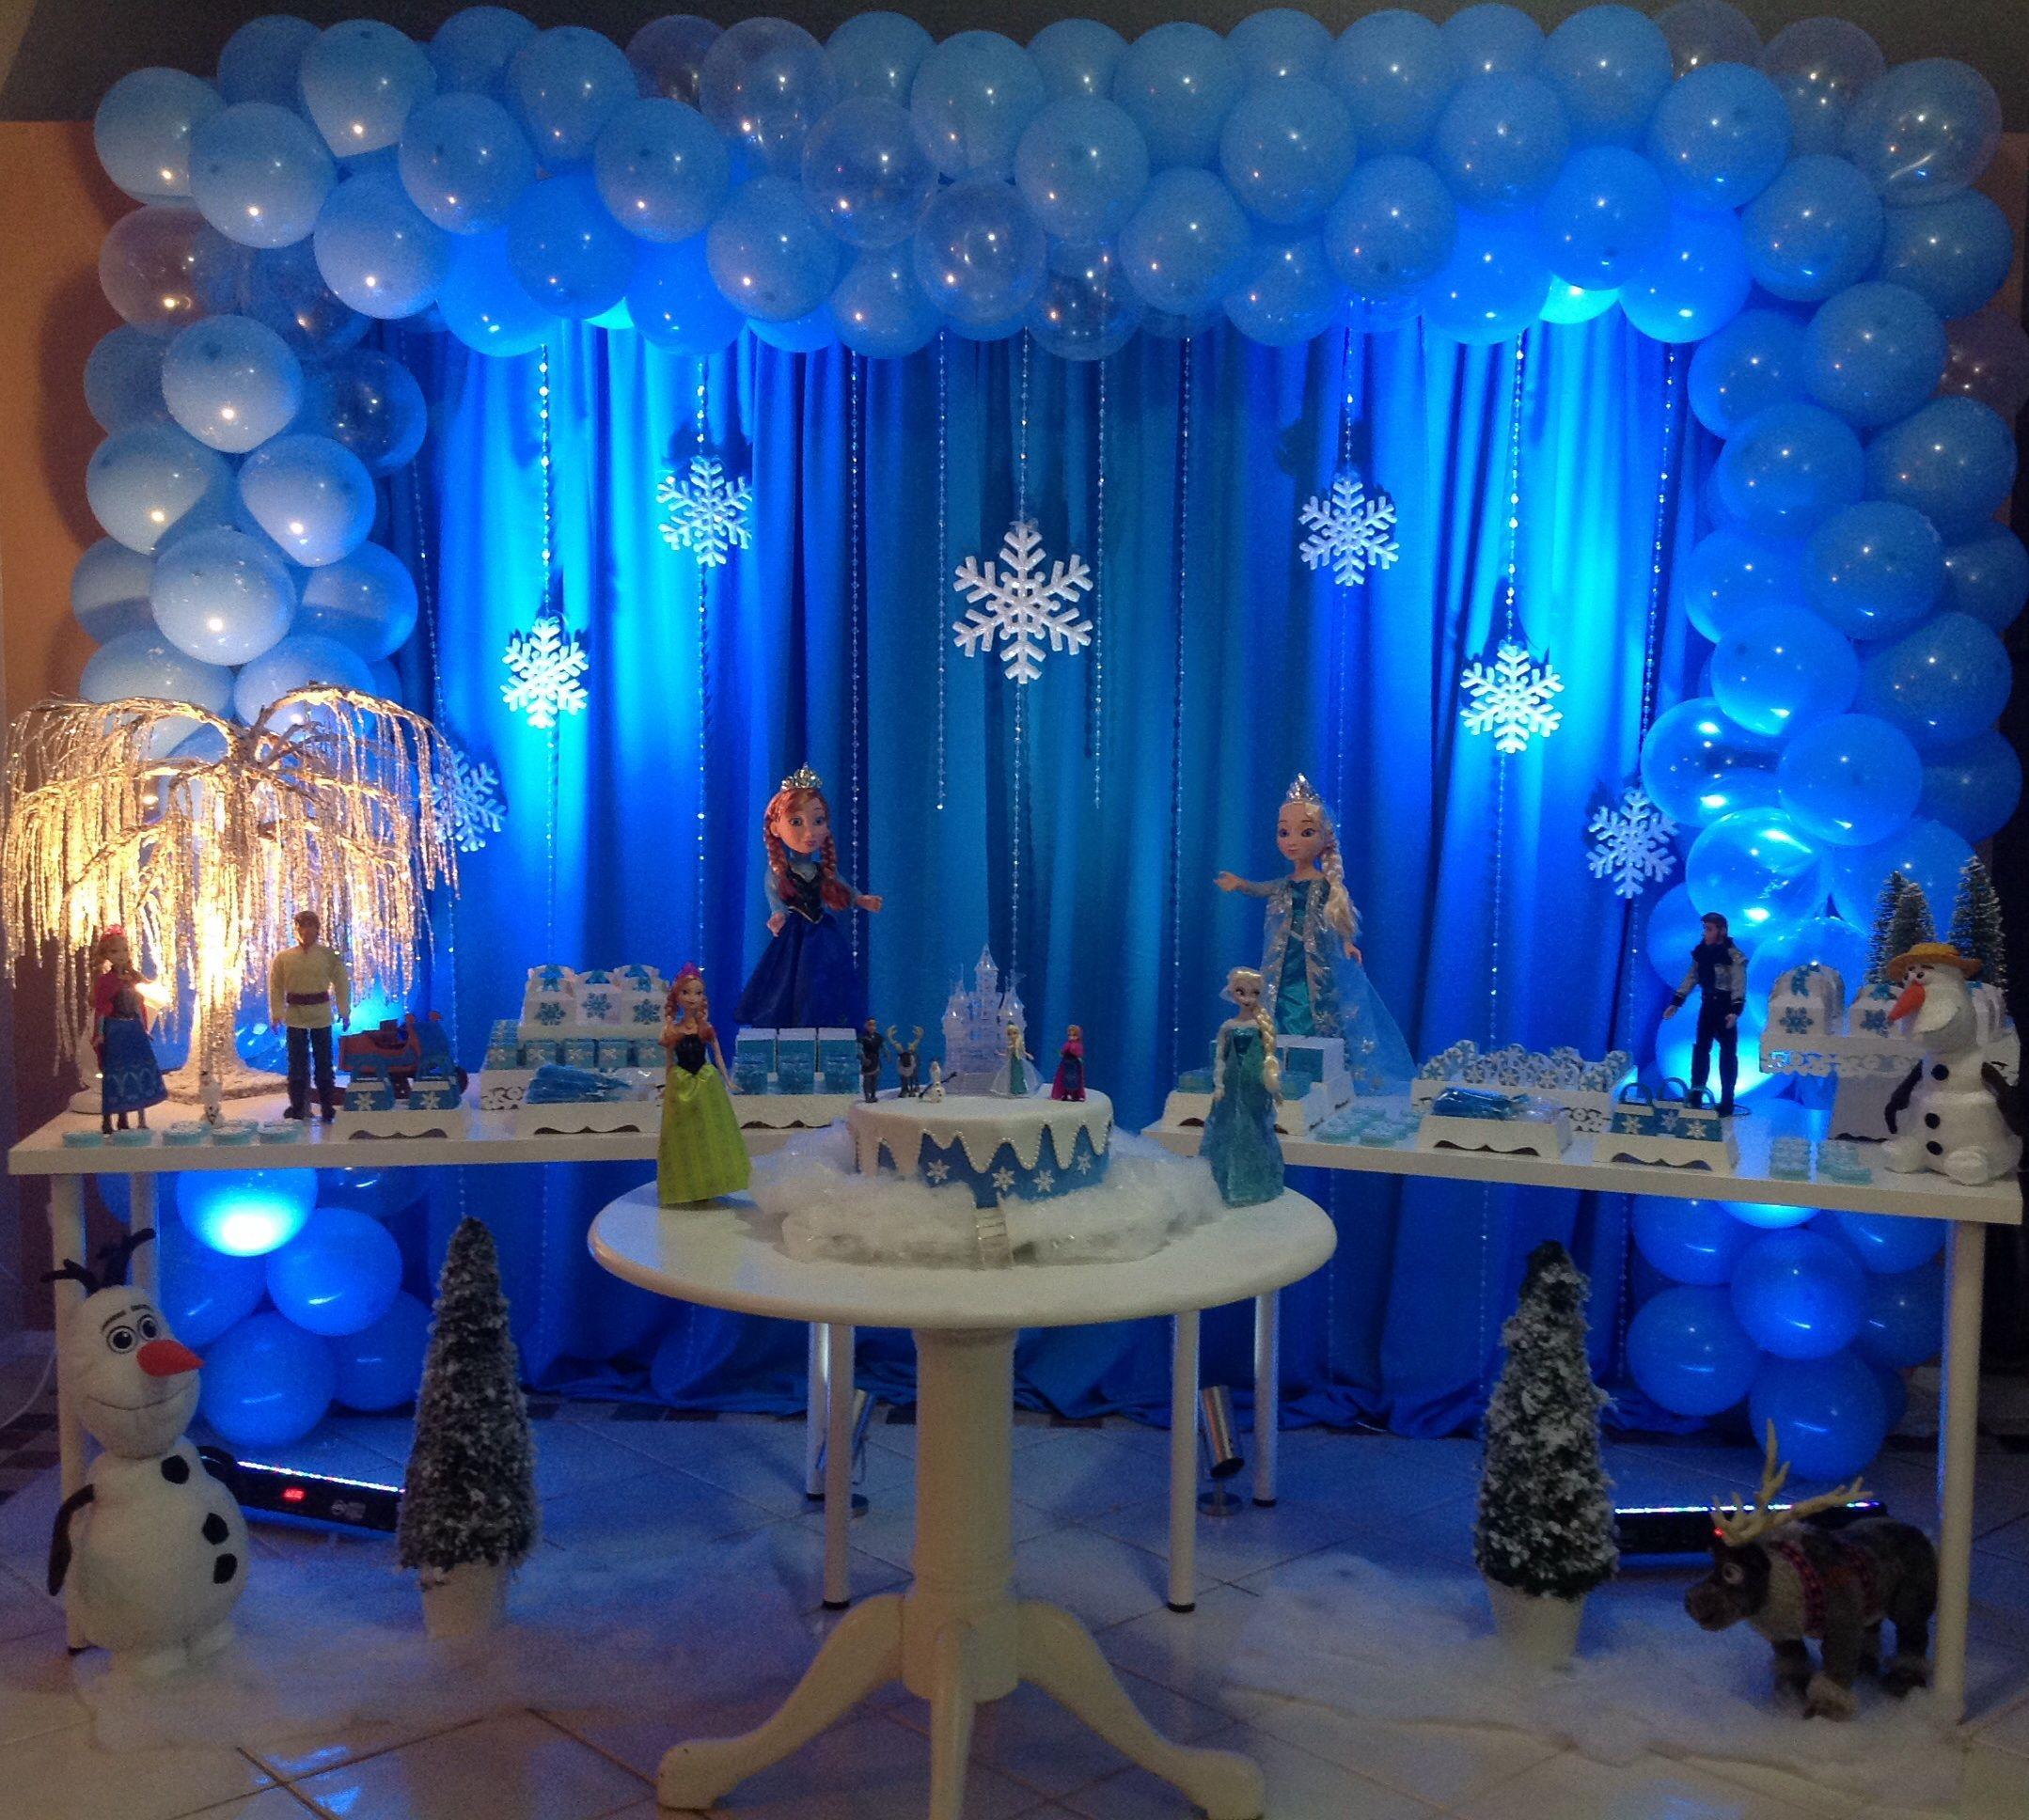 Frozen birthday party decoracion fiesta frozen for 5th birthday decoration ideas